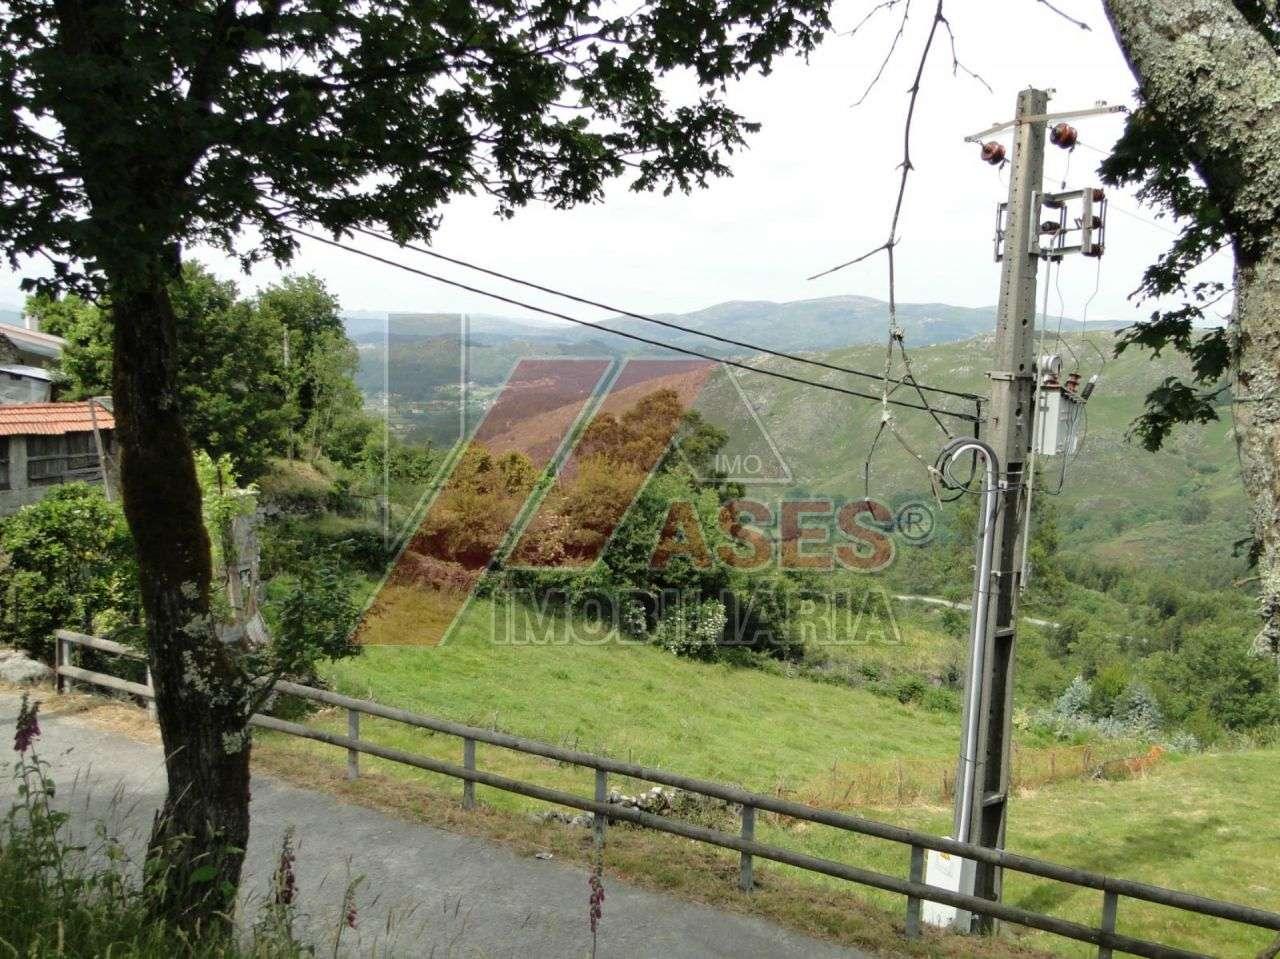 Terreno para comprar, Aboim, Felgueiras, Gontim e Pedraído, Braga - Foto 5